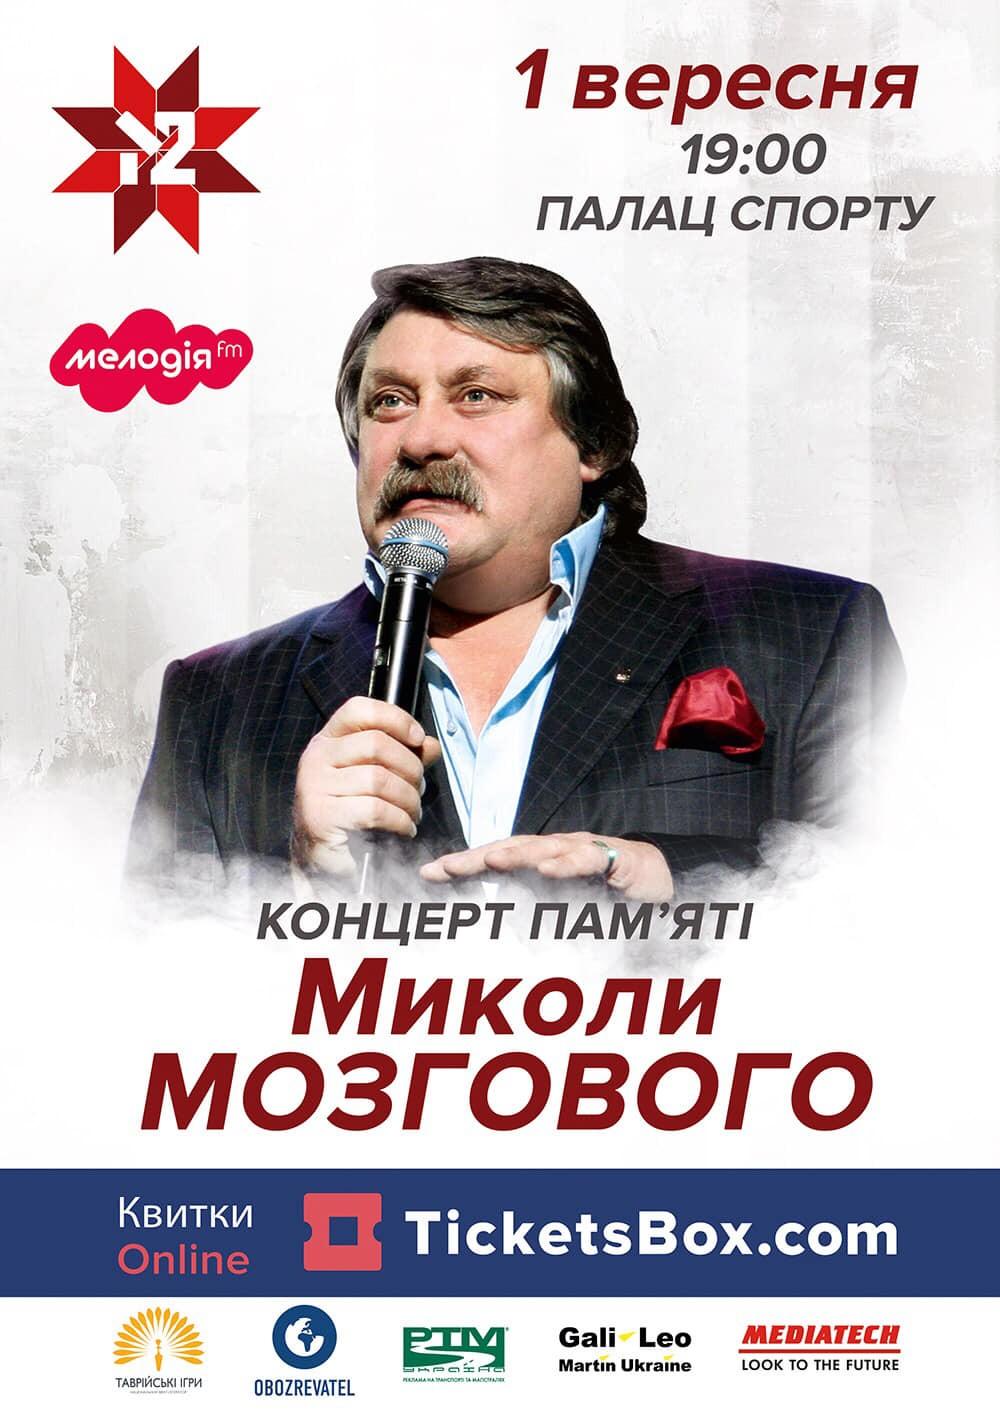 Билеты Концерт пам'яті Миколи Мозгового